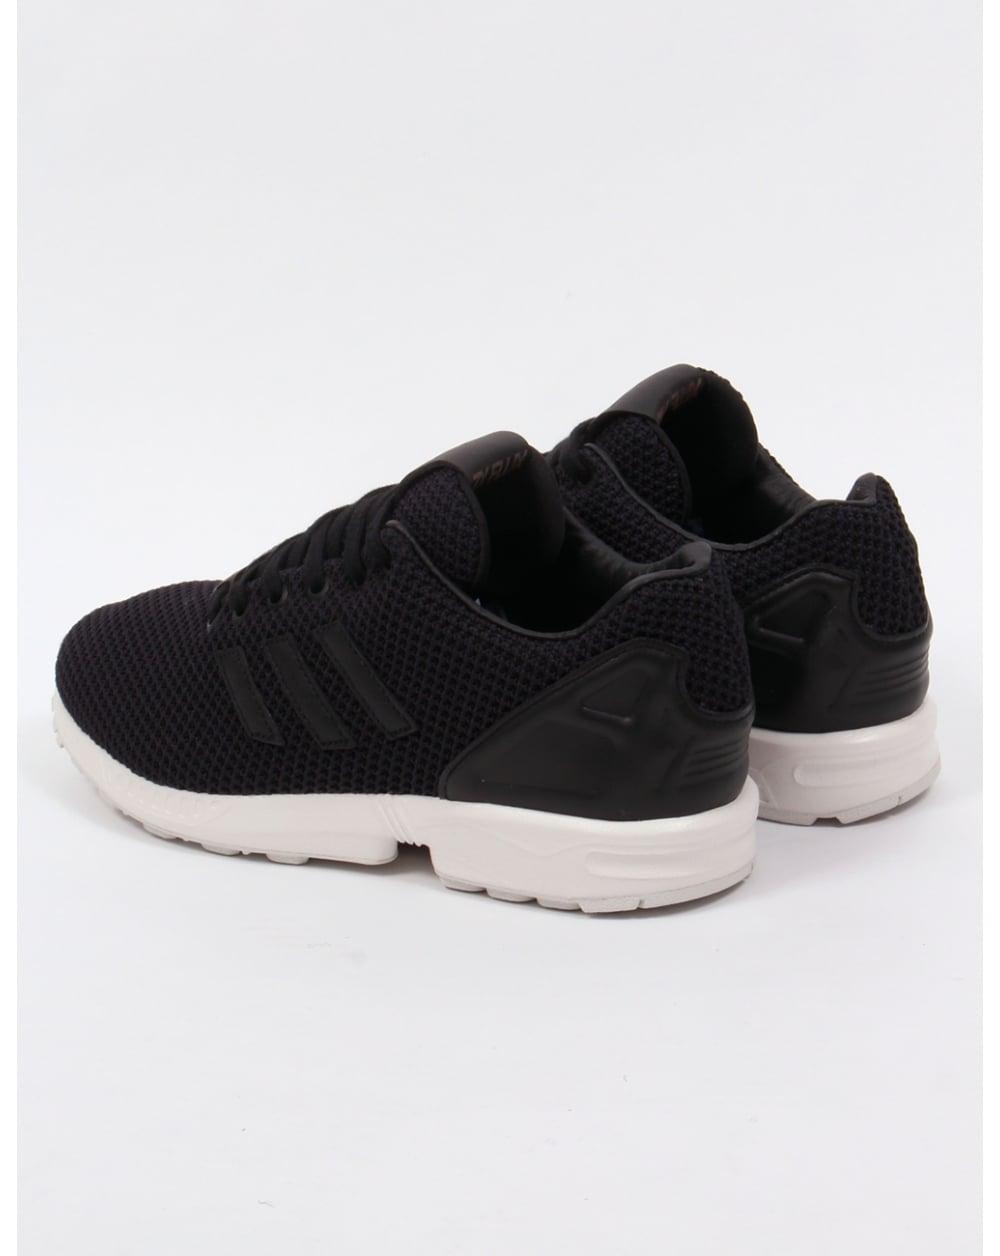 Hombres Adidas Zx Flujo Zapatos Negros Formadores oWCJDLQdbu